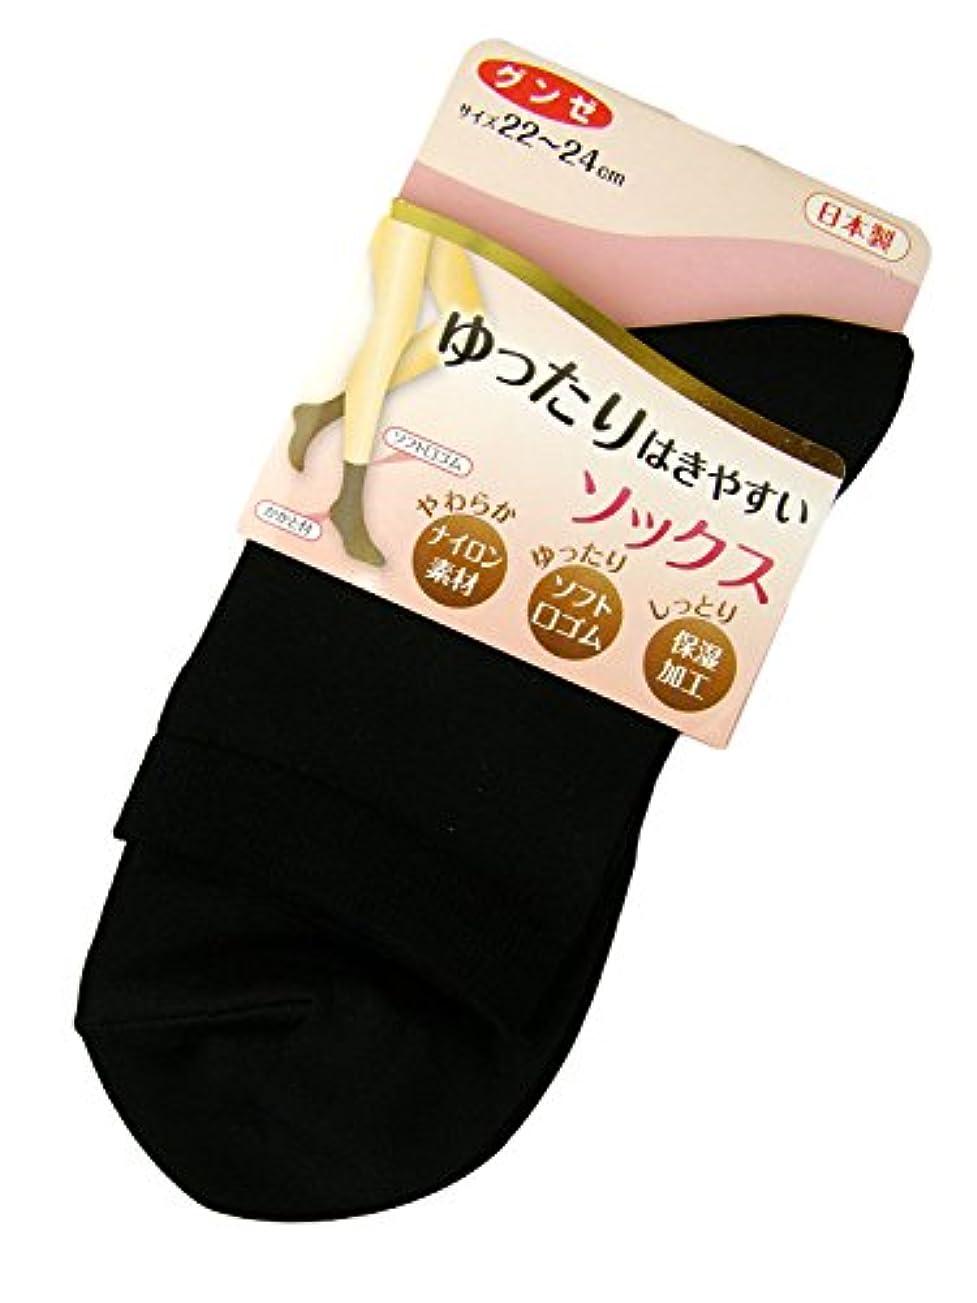 祖先遊具抑制AR0212 ミセススニーカーソックス(婦人靴下) ゆったりはきやすい 22-24cm ブラック